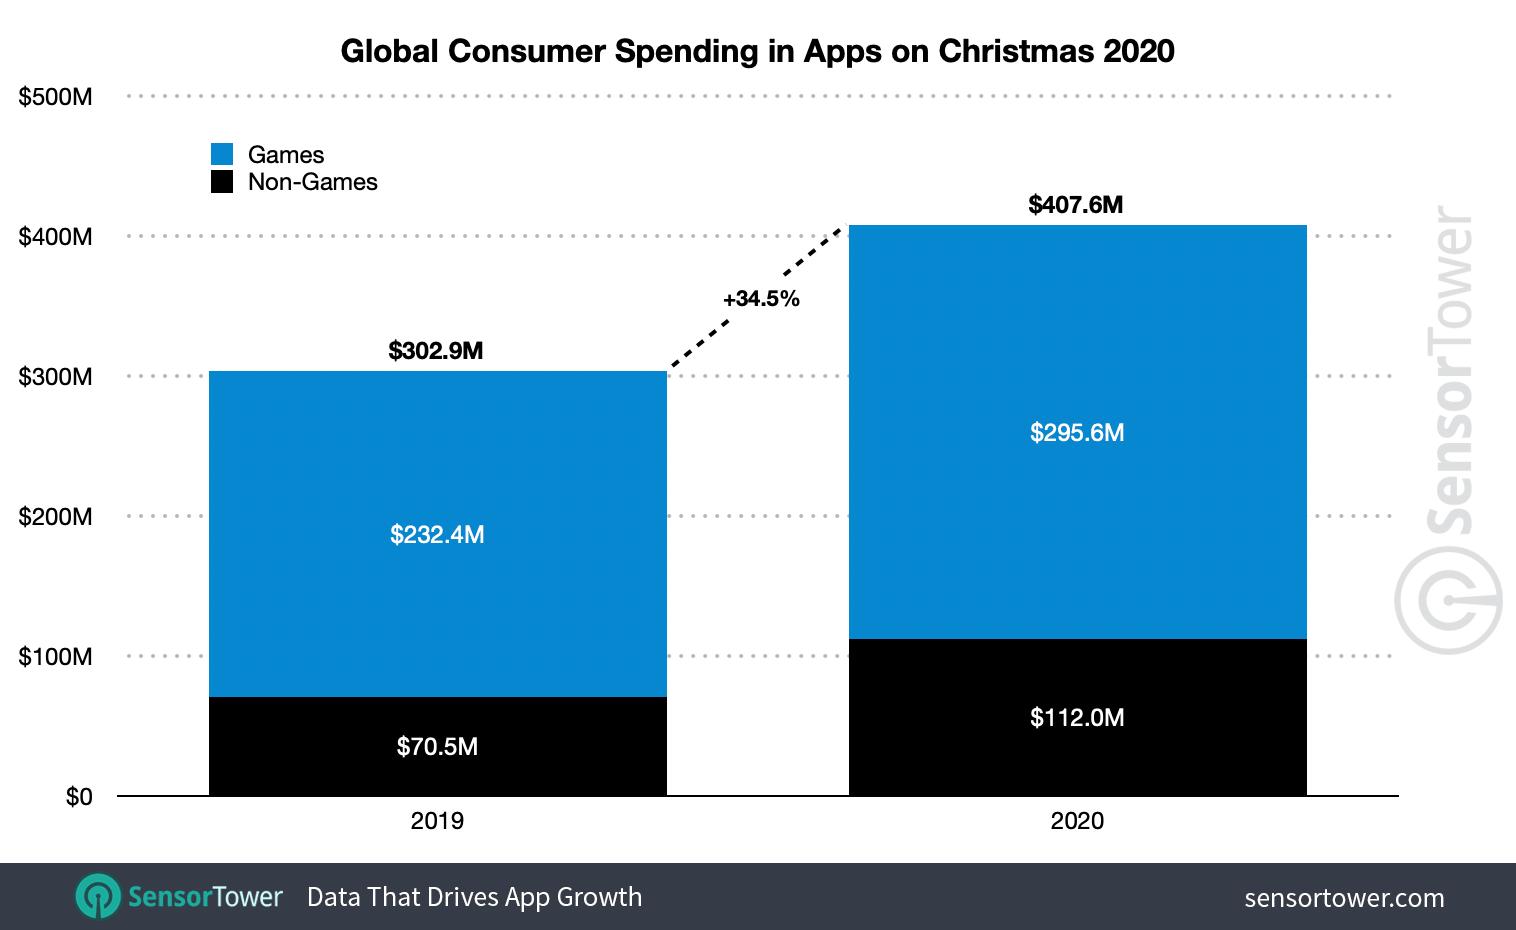 Datos estimados de facturación de Apps en la App Store y Google Play en el 2020, comparados con el 2019